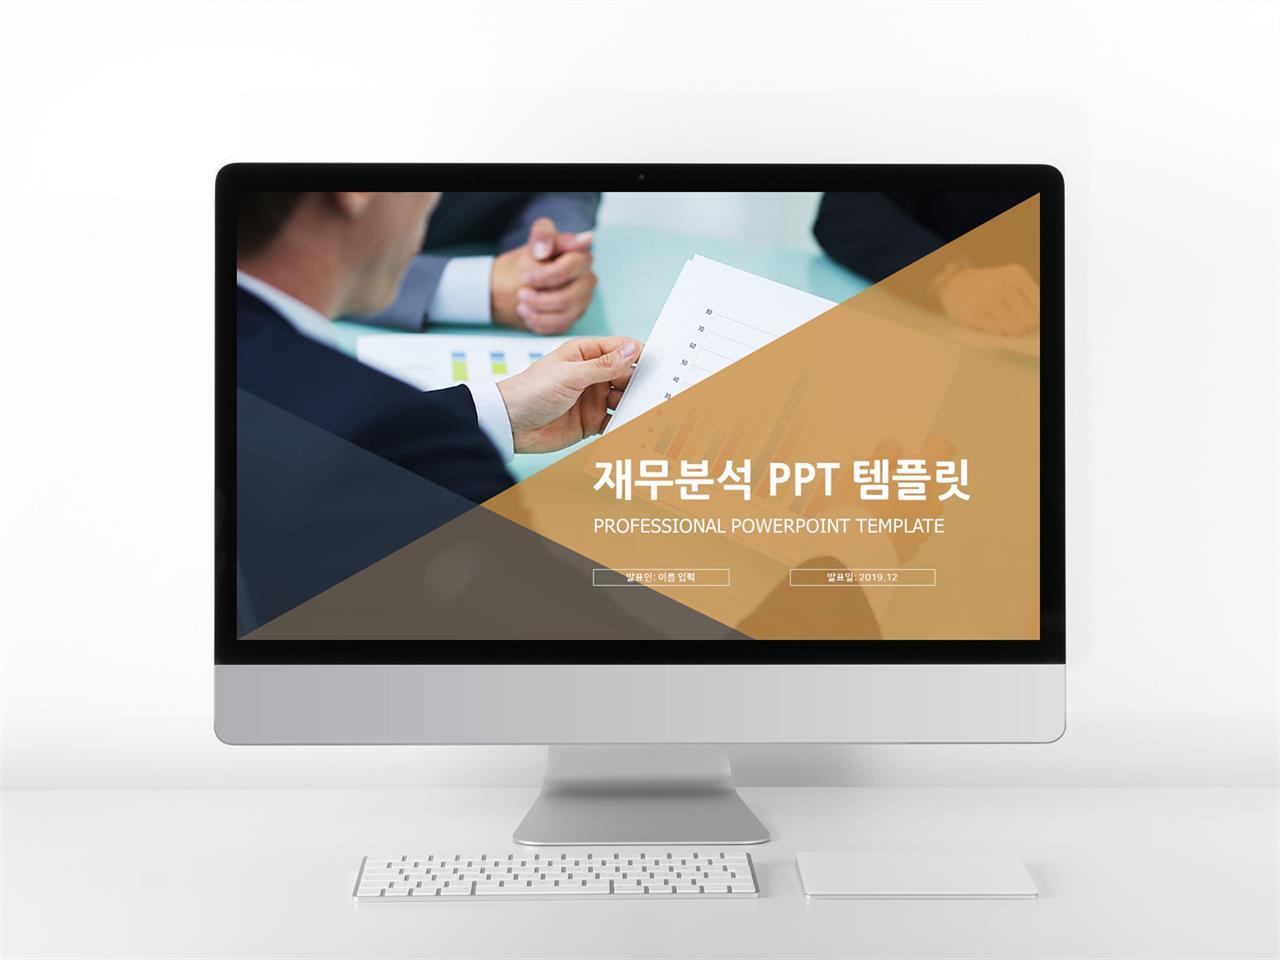 사업융자 갈색 세련된 고퀄리티 PPT테마 제작 미리보기